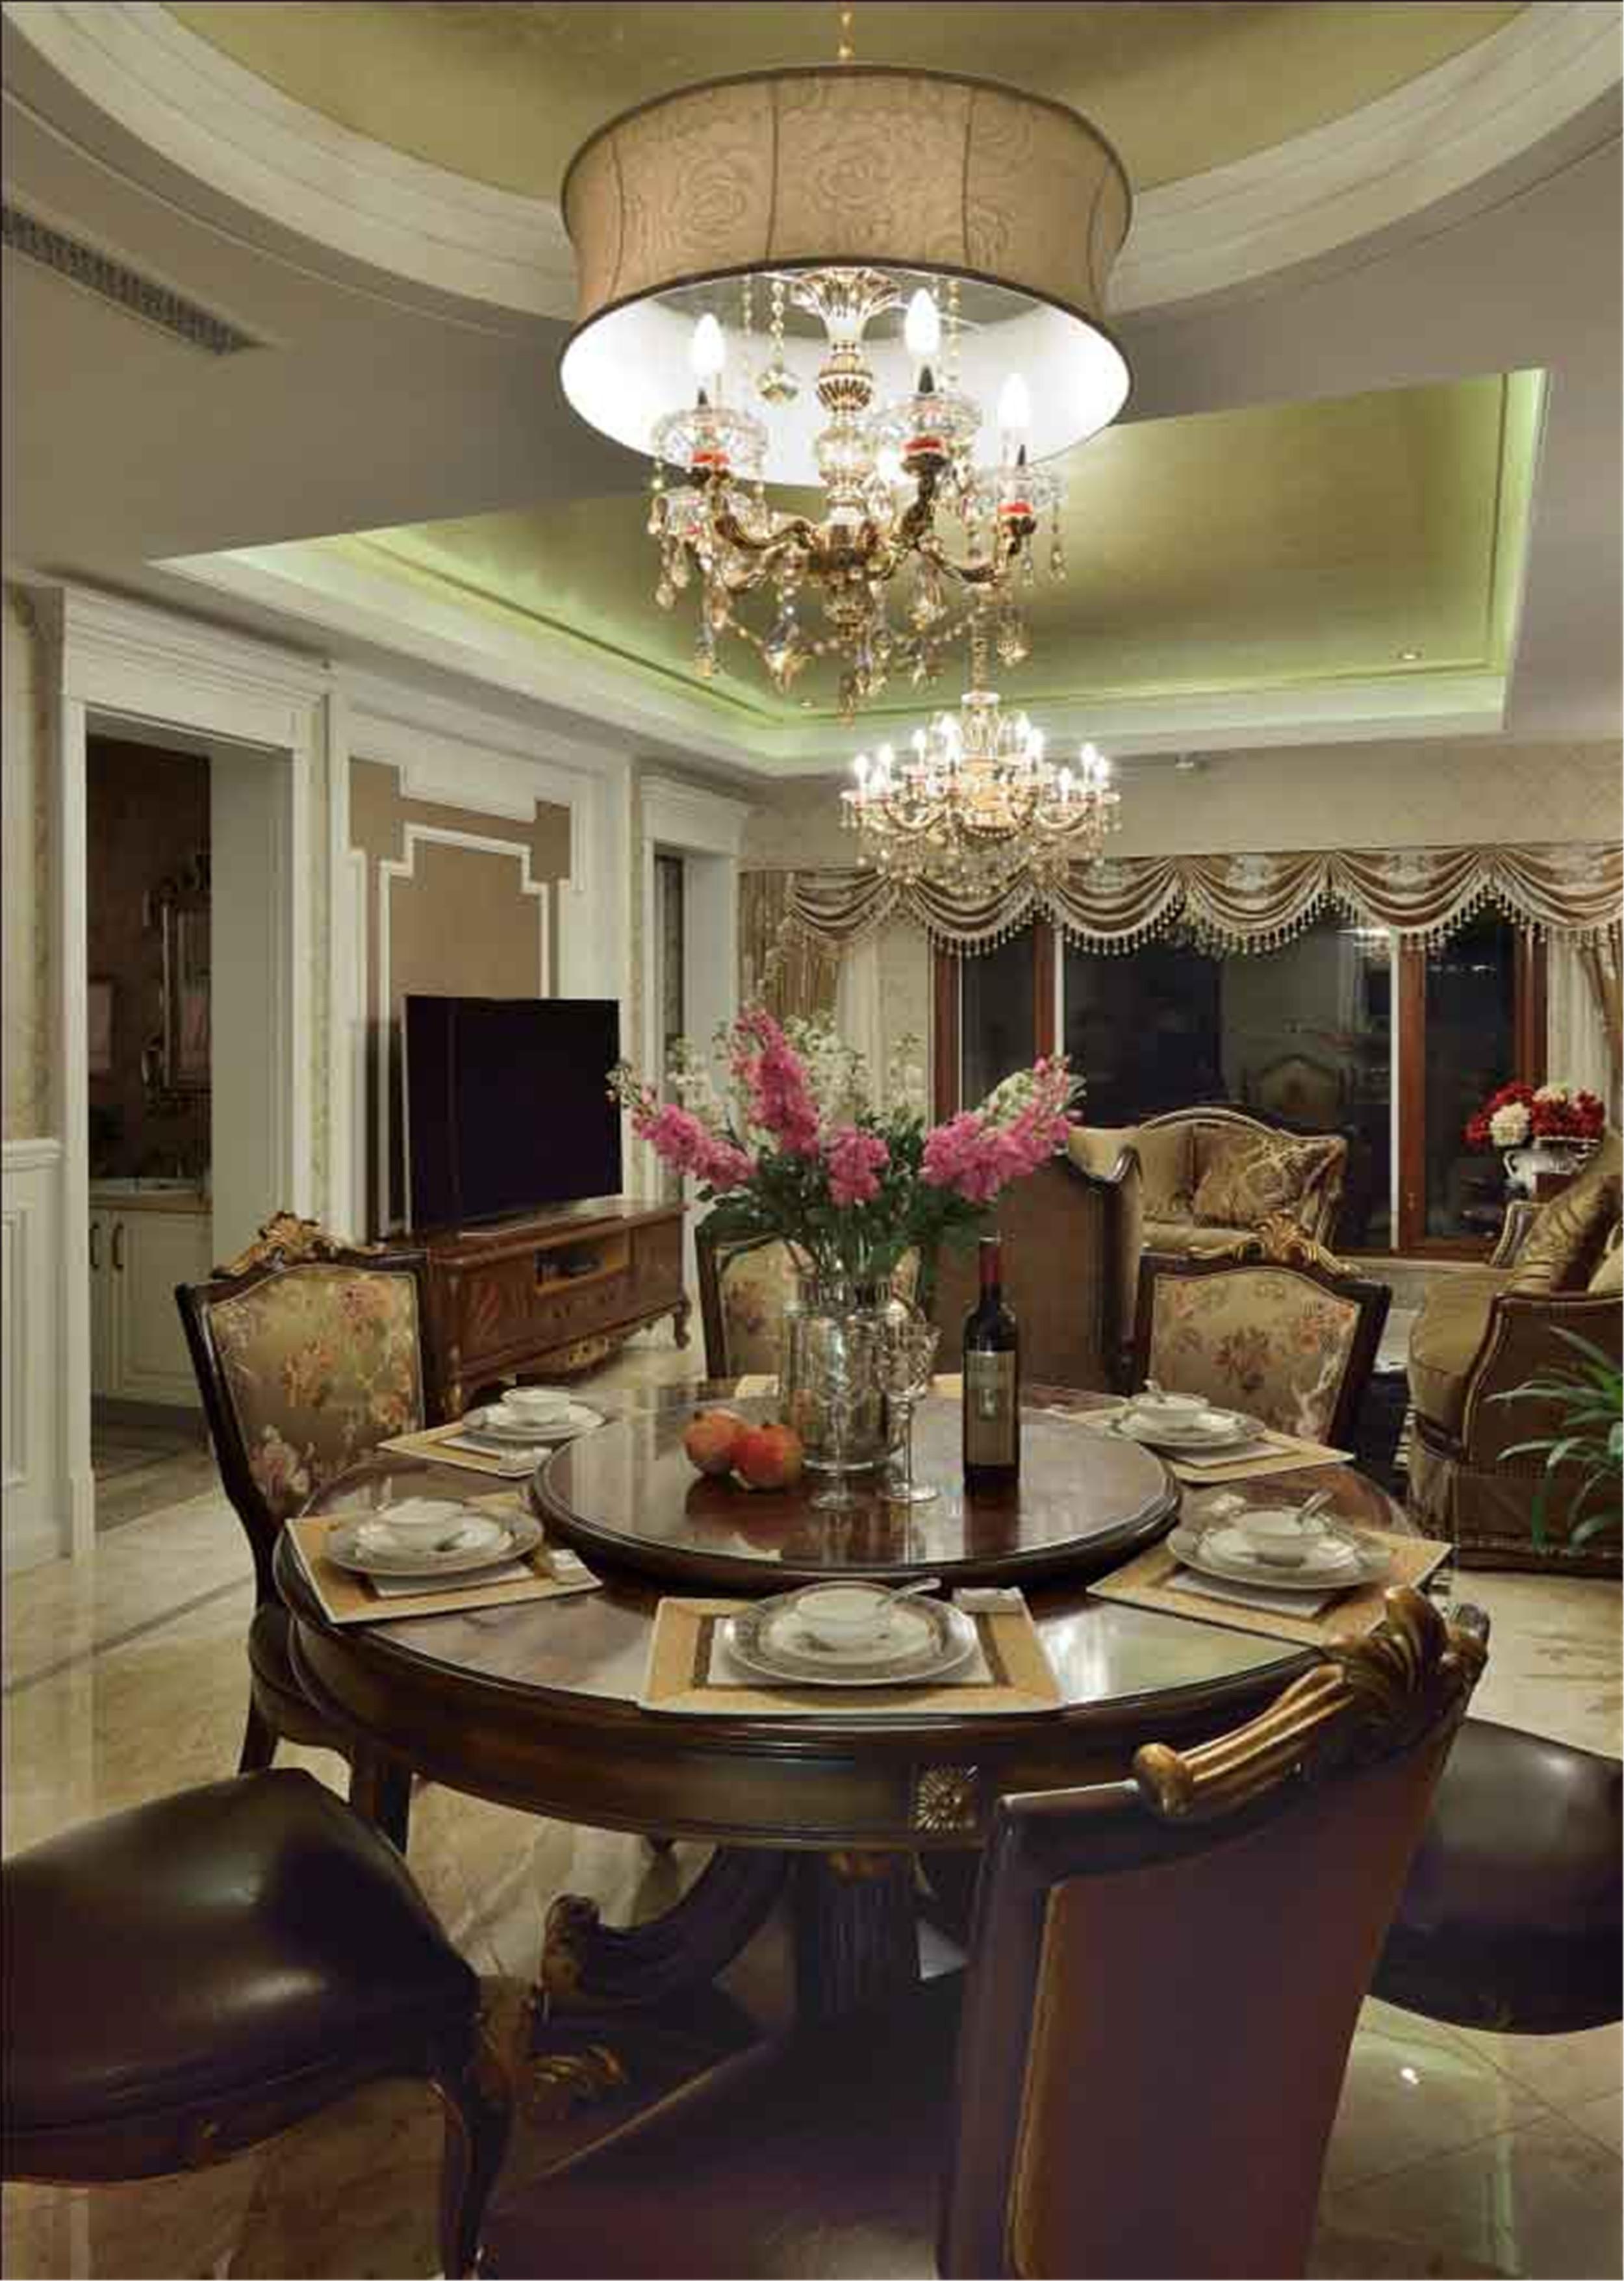 装修效果图 家居美图 欧式风格欧式奢华豪华型设计图  收藏